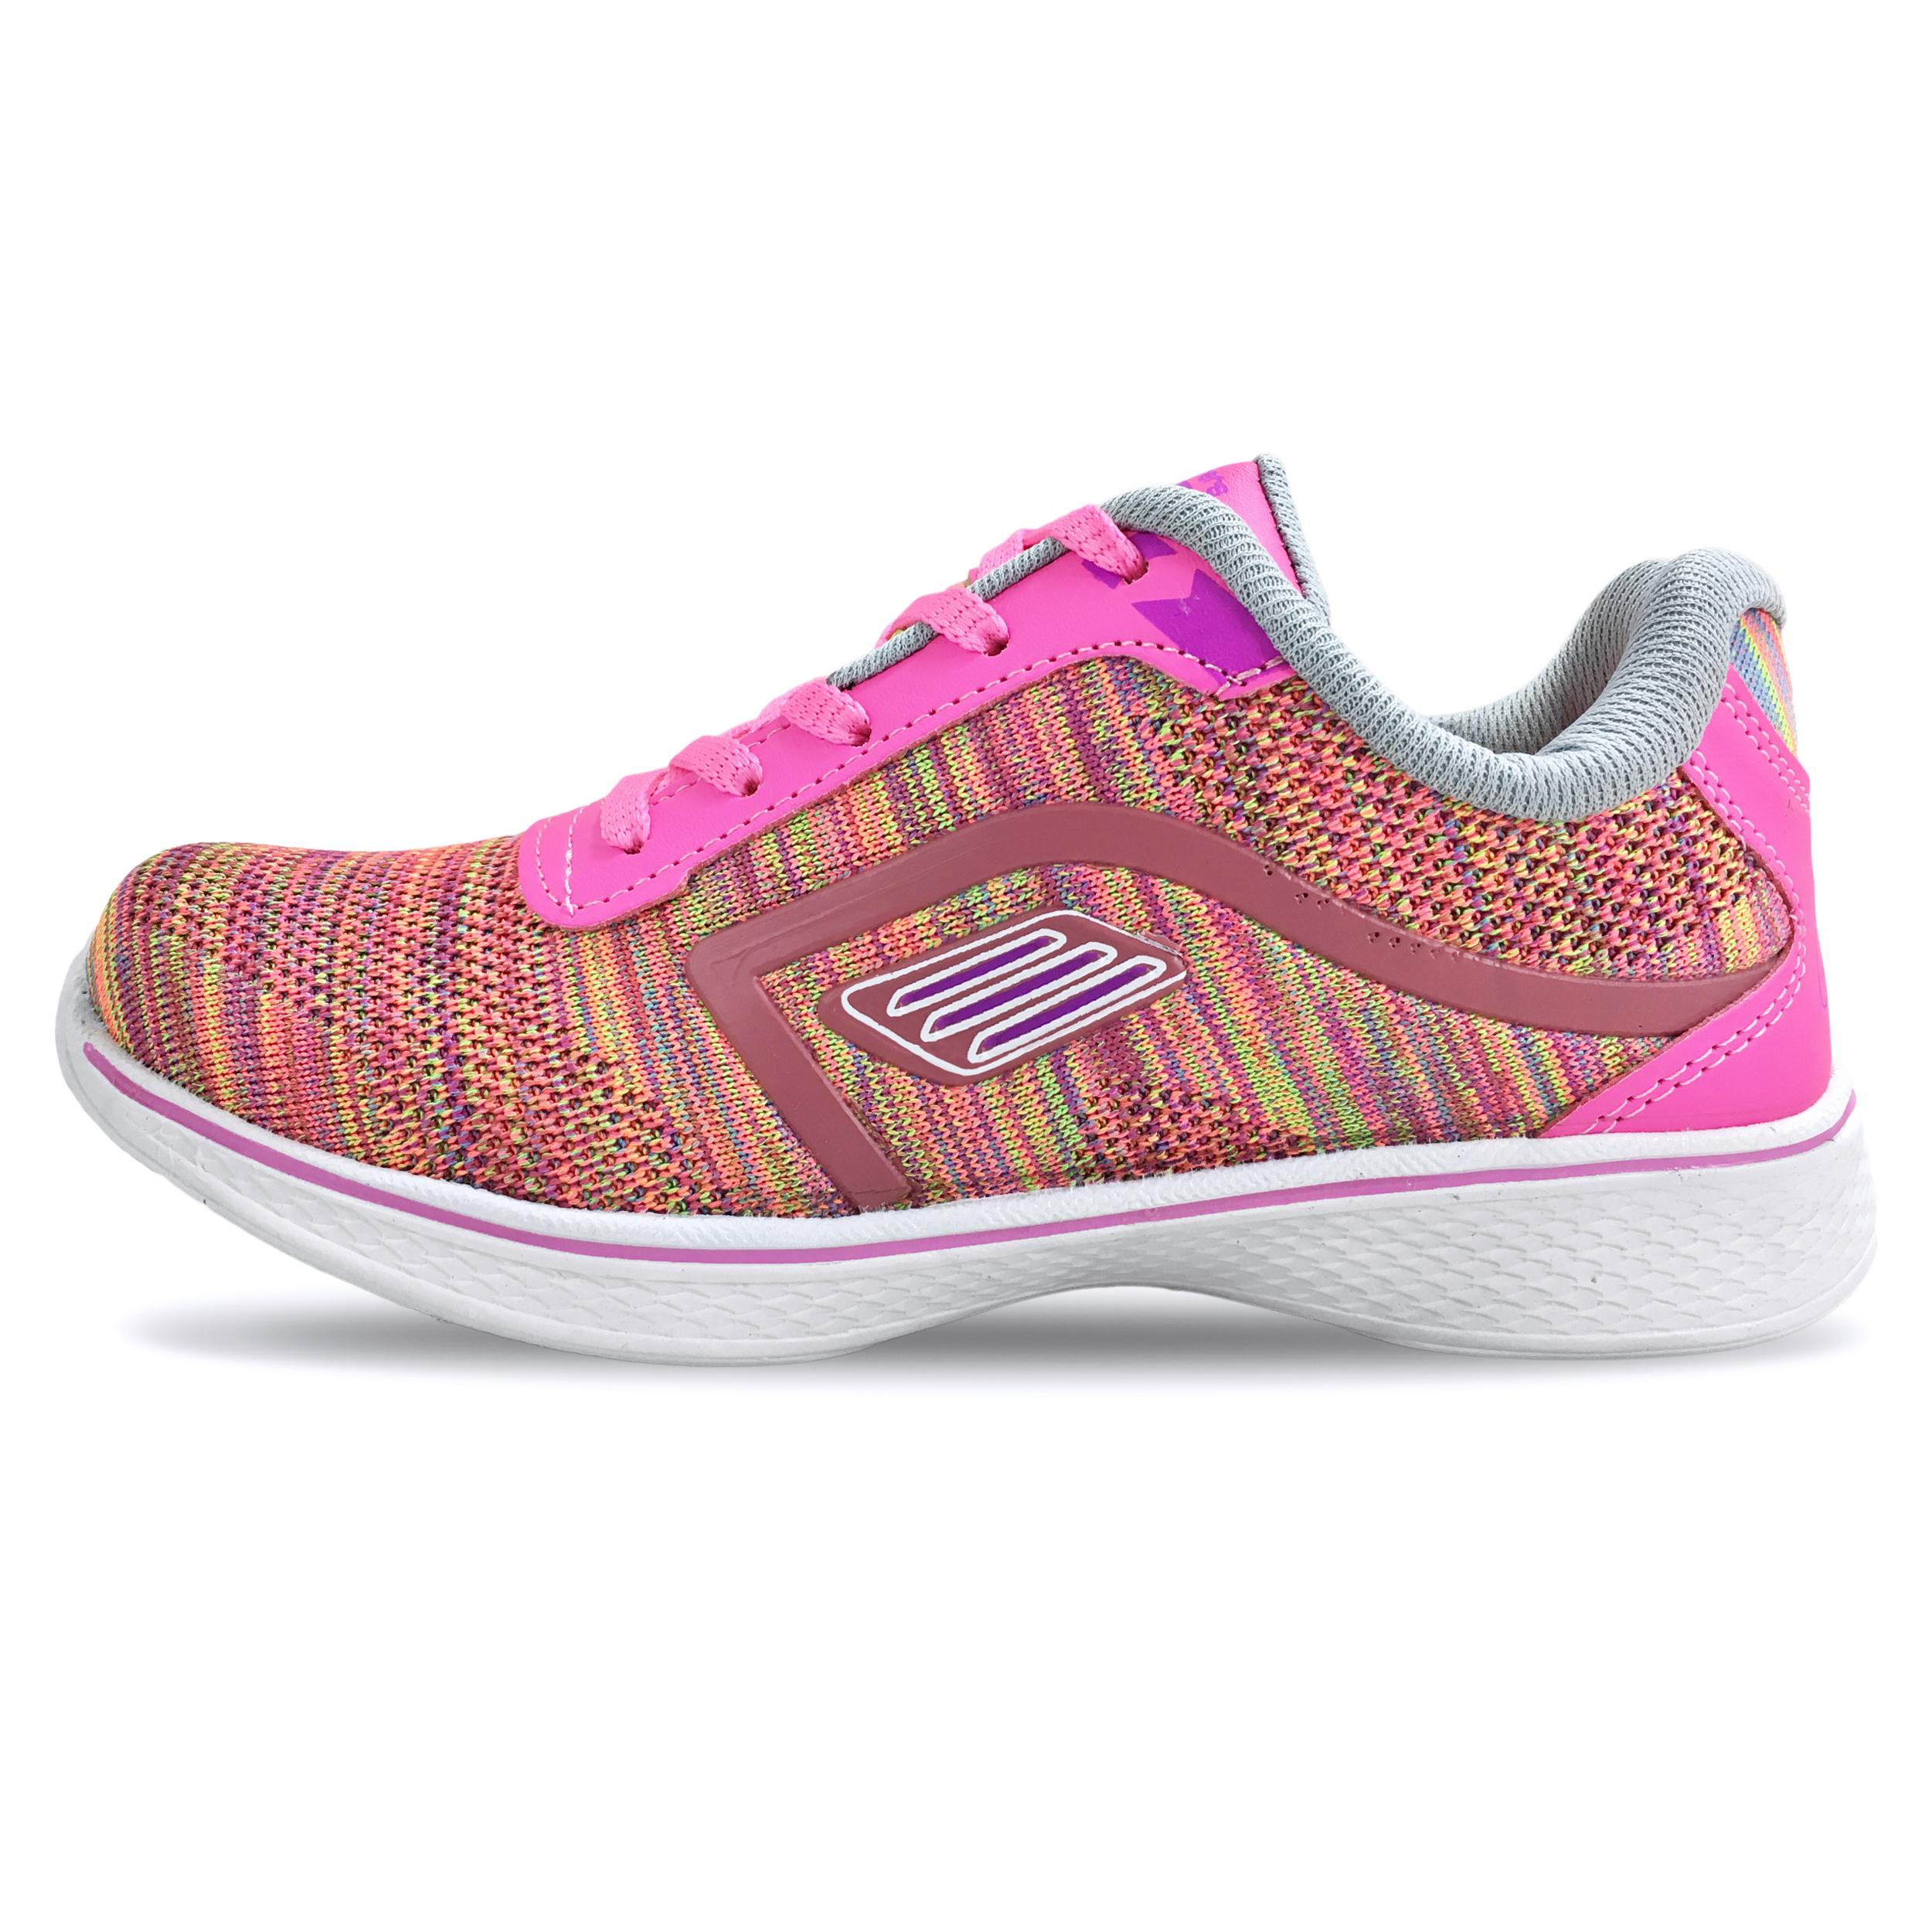 کفش مخصوص پیاده روی زنانه نسیم مدل اسکات کد A213